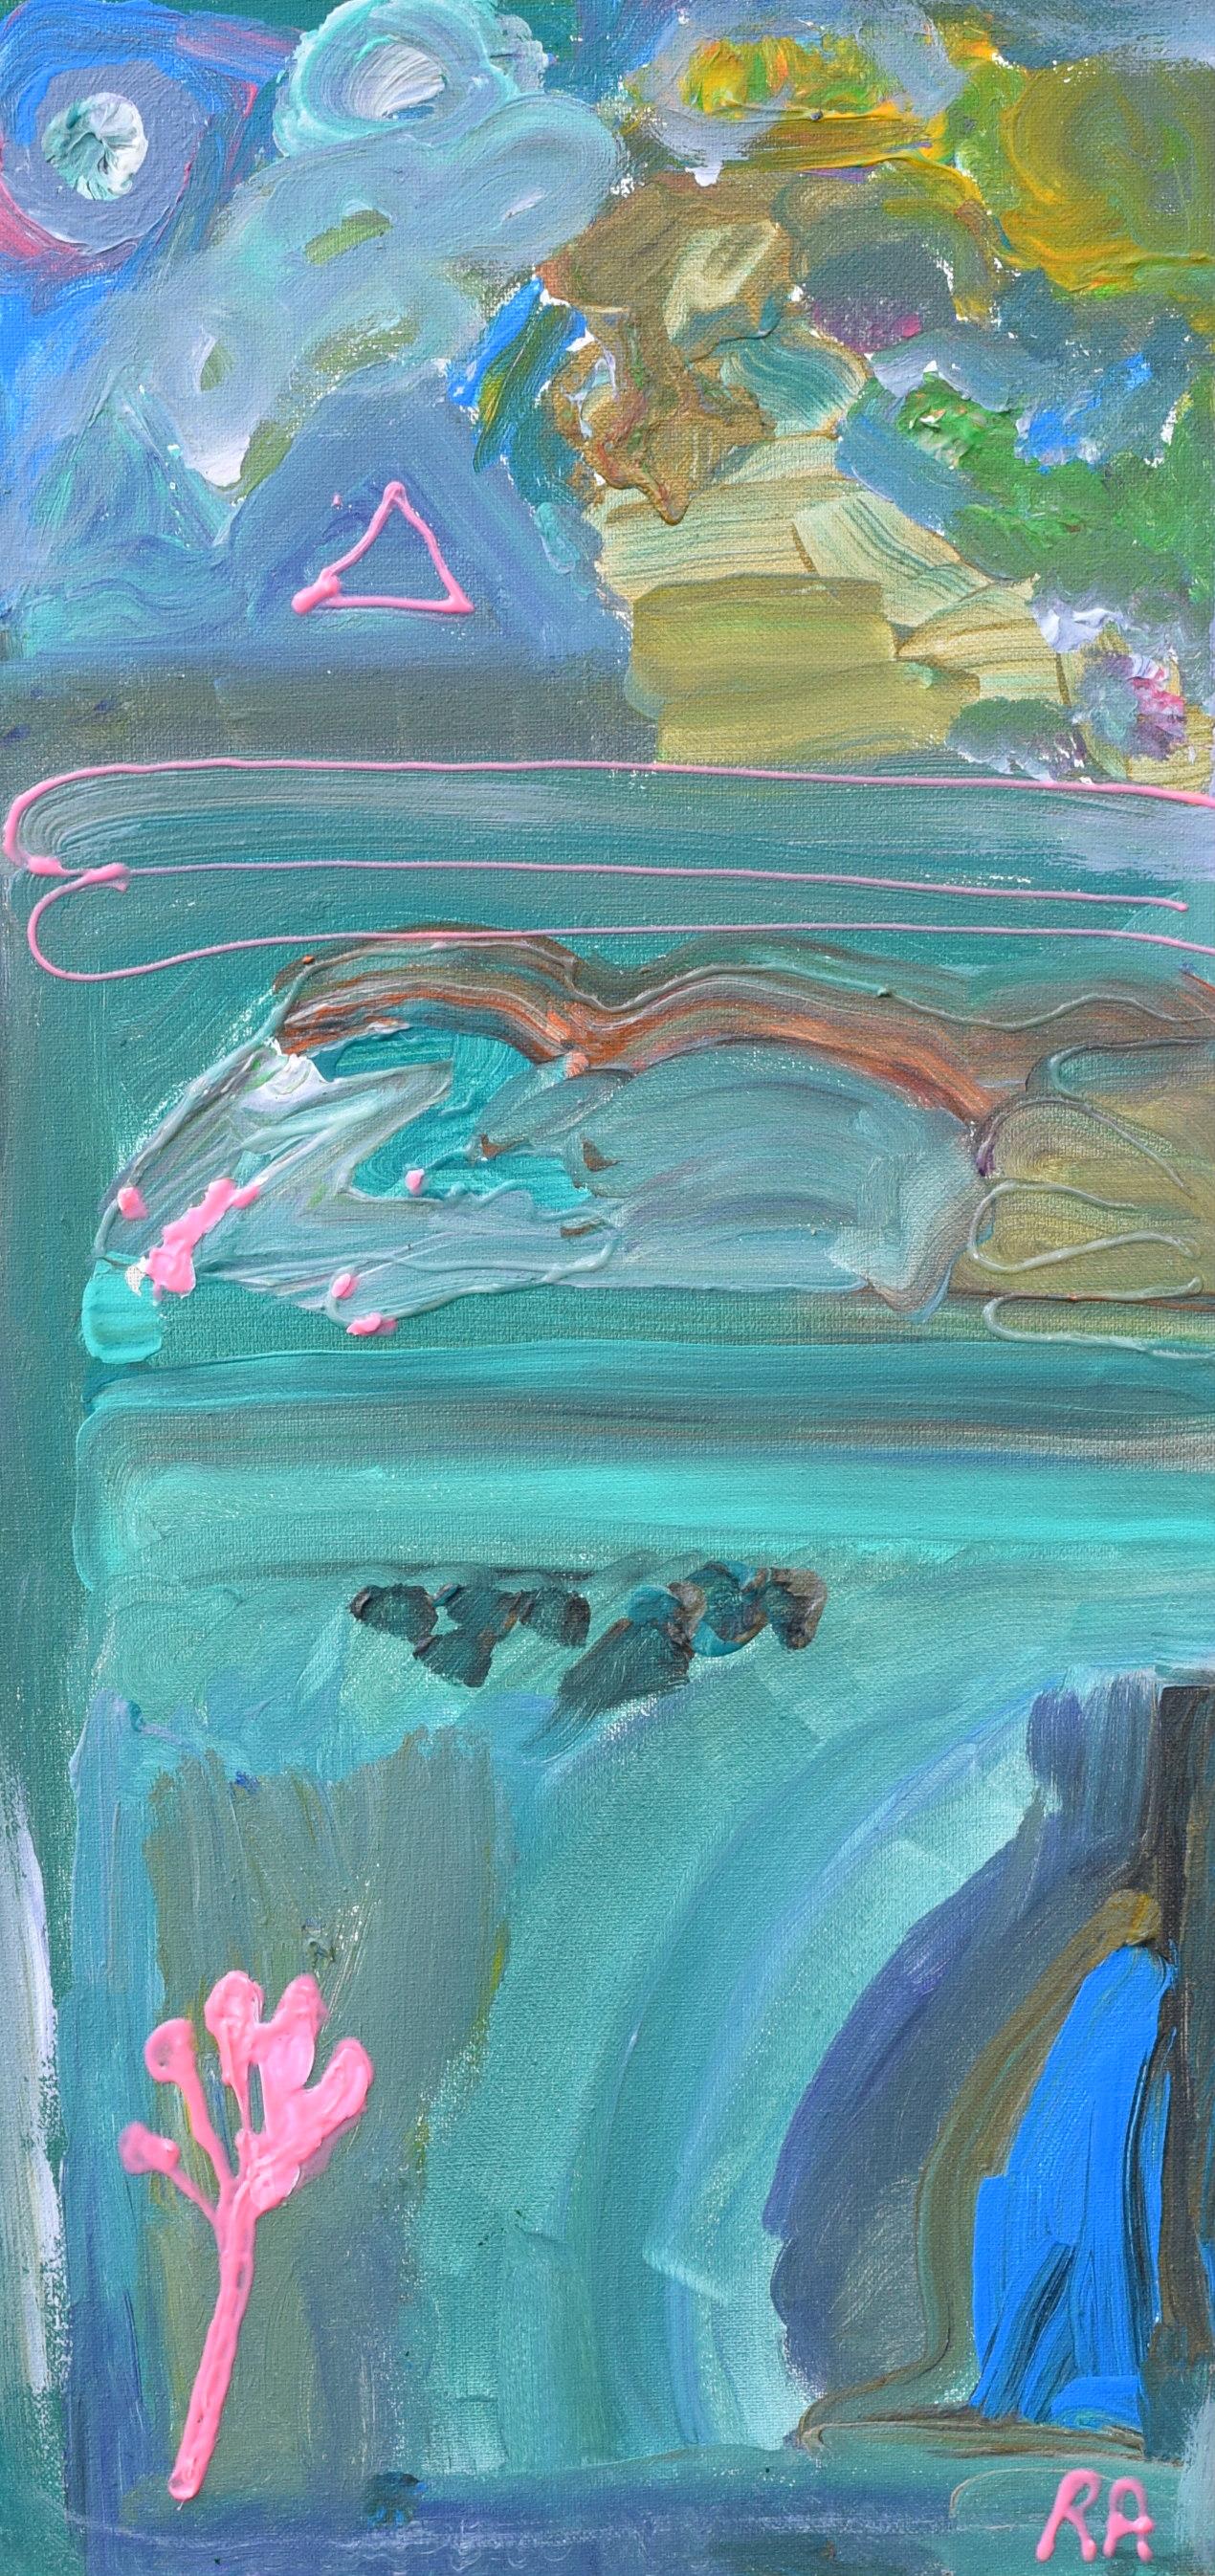 Pastel Landscape Rachael Alhassan 2018 Acrylic on canvas, print $45